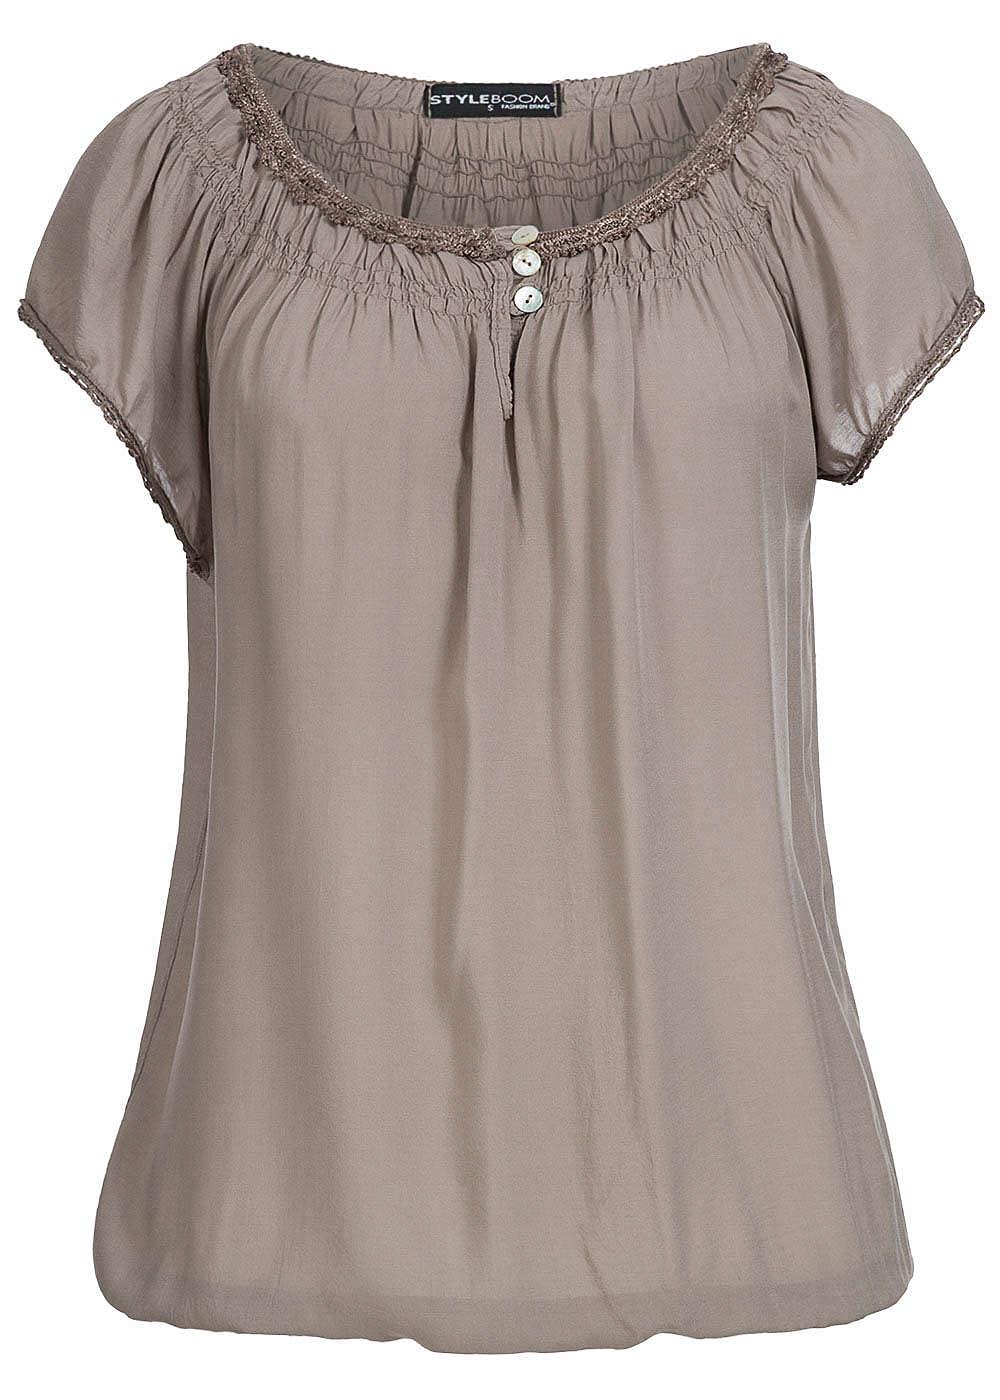 marken t shirts damen suicide squad damen t shirt harley. Black Bedroom Furniture Sets. Home Design Ideas